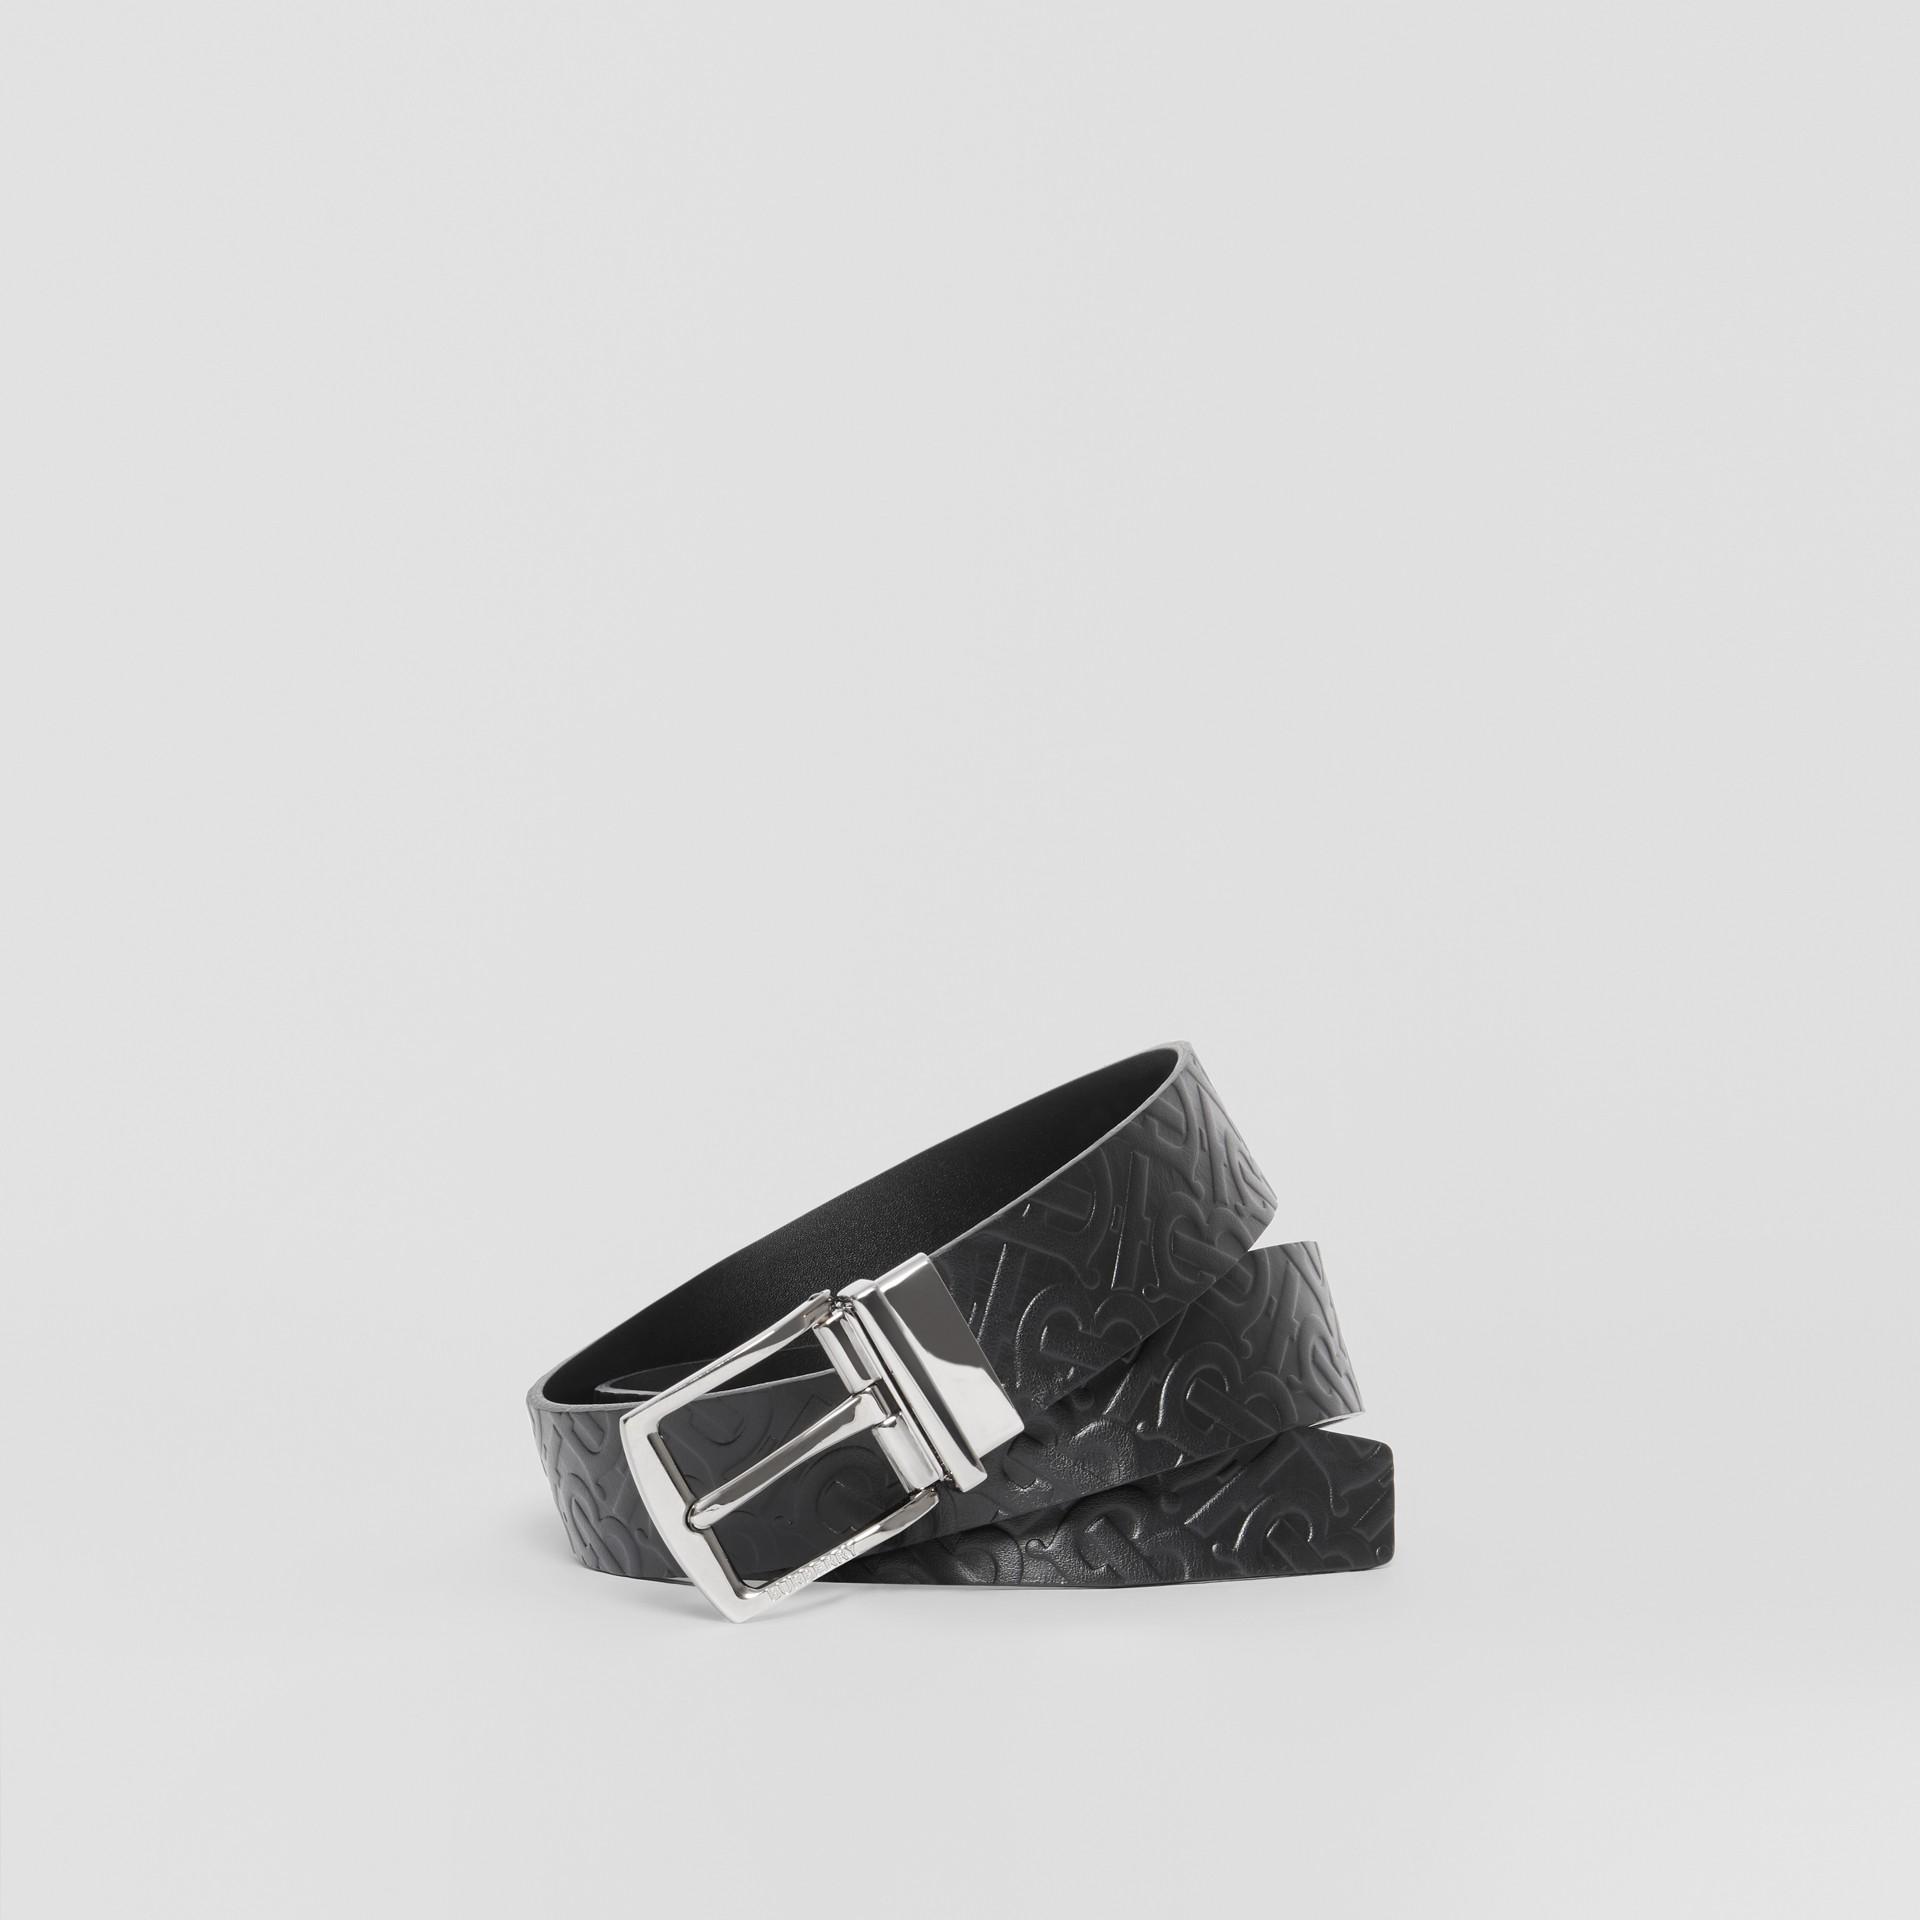 Ceinture en cuir réversible Monogram (Noir) - Homme | Burberry - photo de la galerie 0